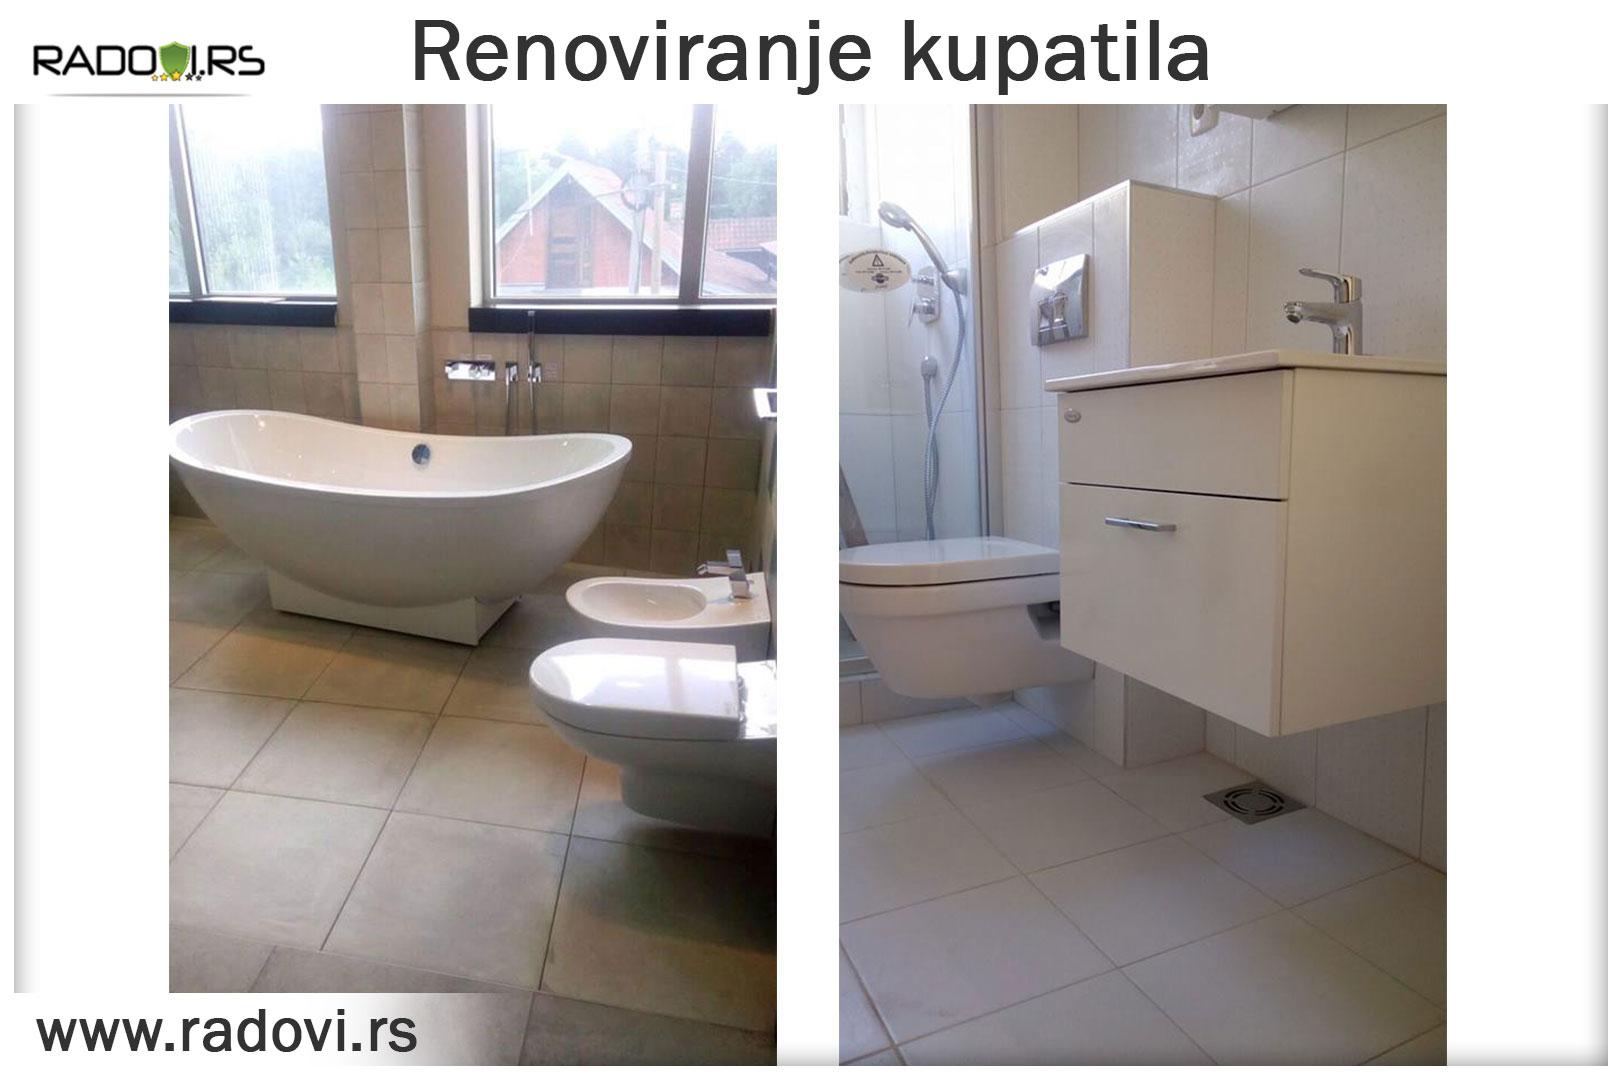 Renoviranje kupatila – Vodoinstalater Beograd Tim- Radovi.rs Tim